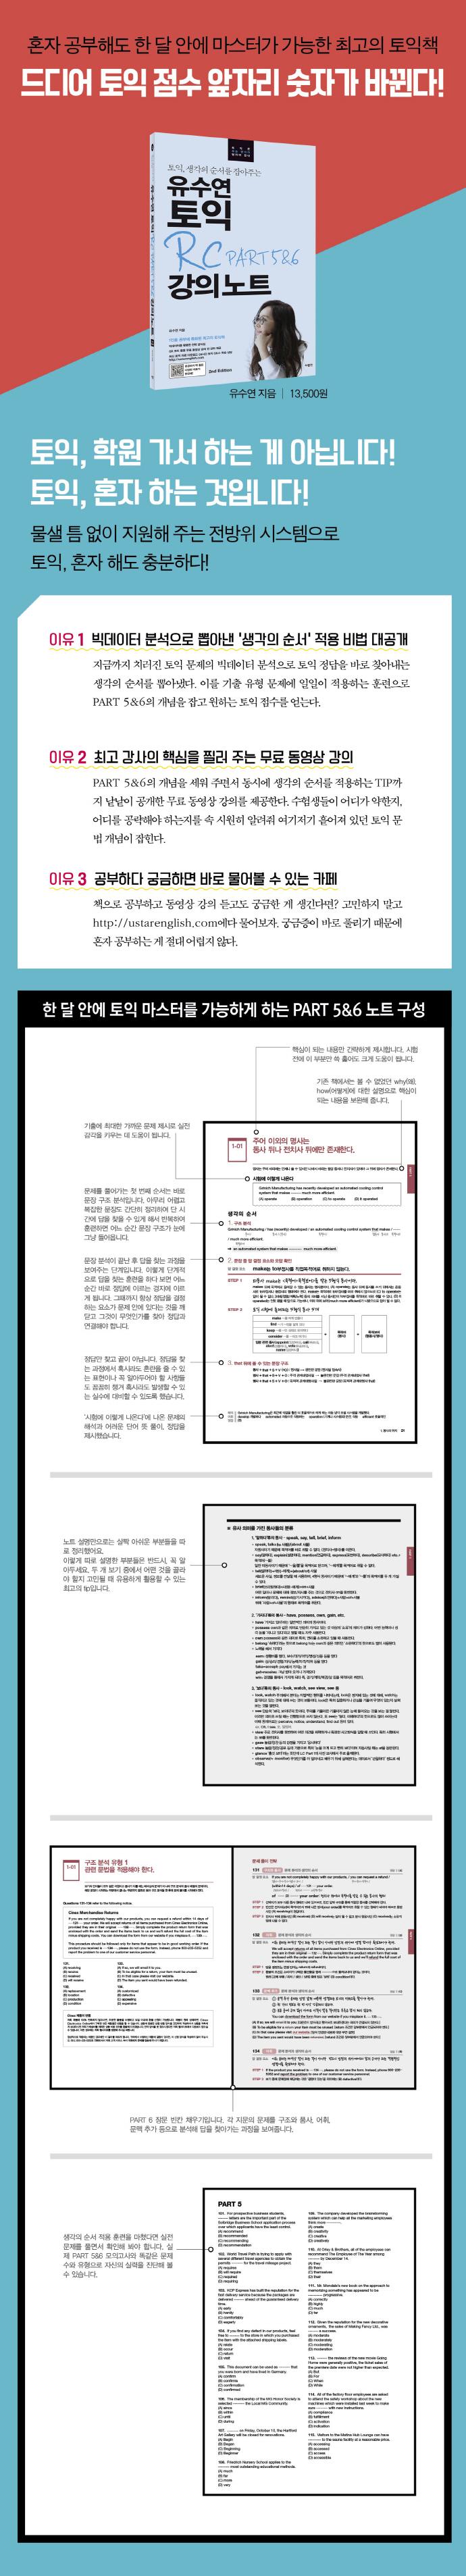 유수연 토익 RC PART 5&6 강의노트 도서 상세이미지